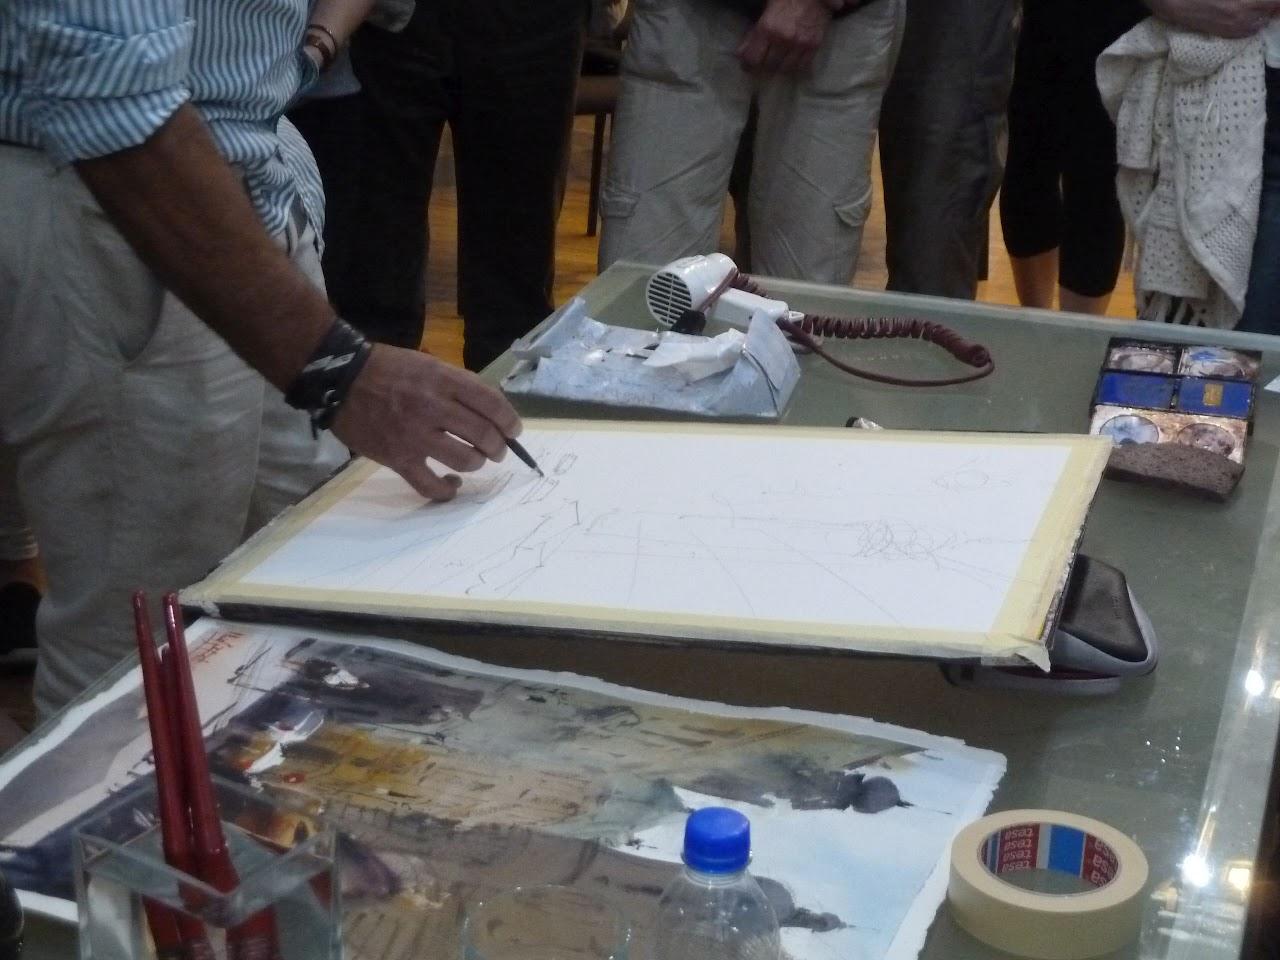 Akvarell festészeti bemutató - muvek05.jpg